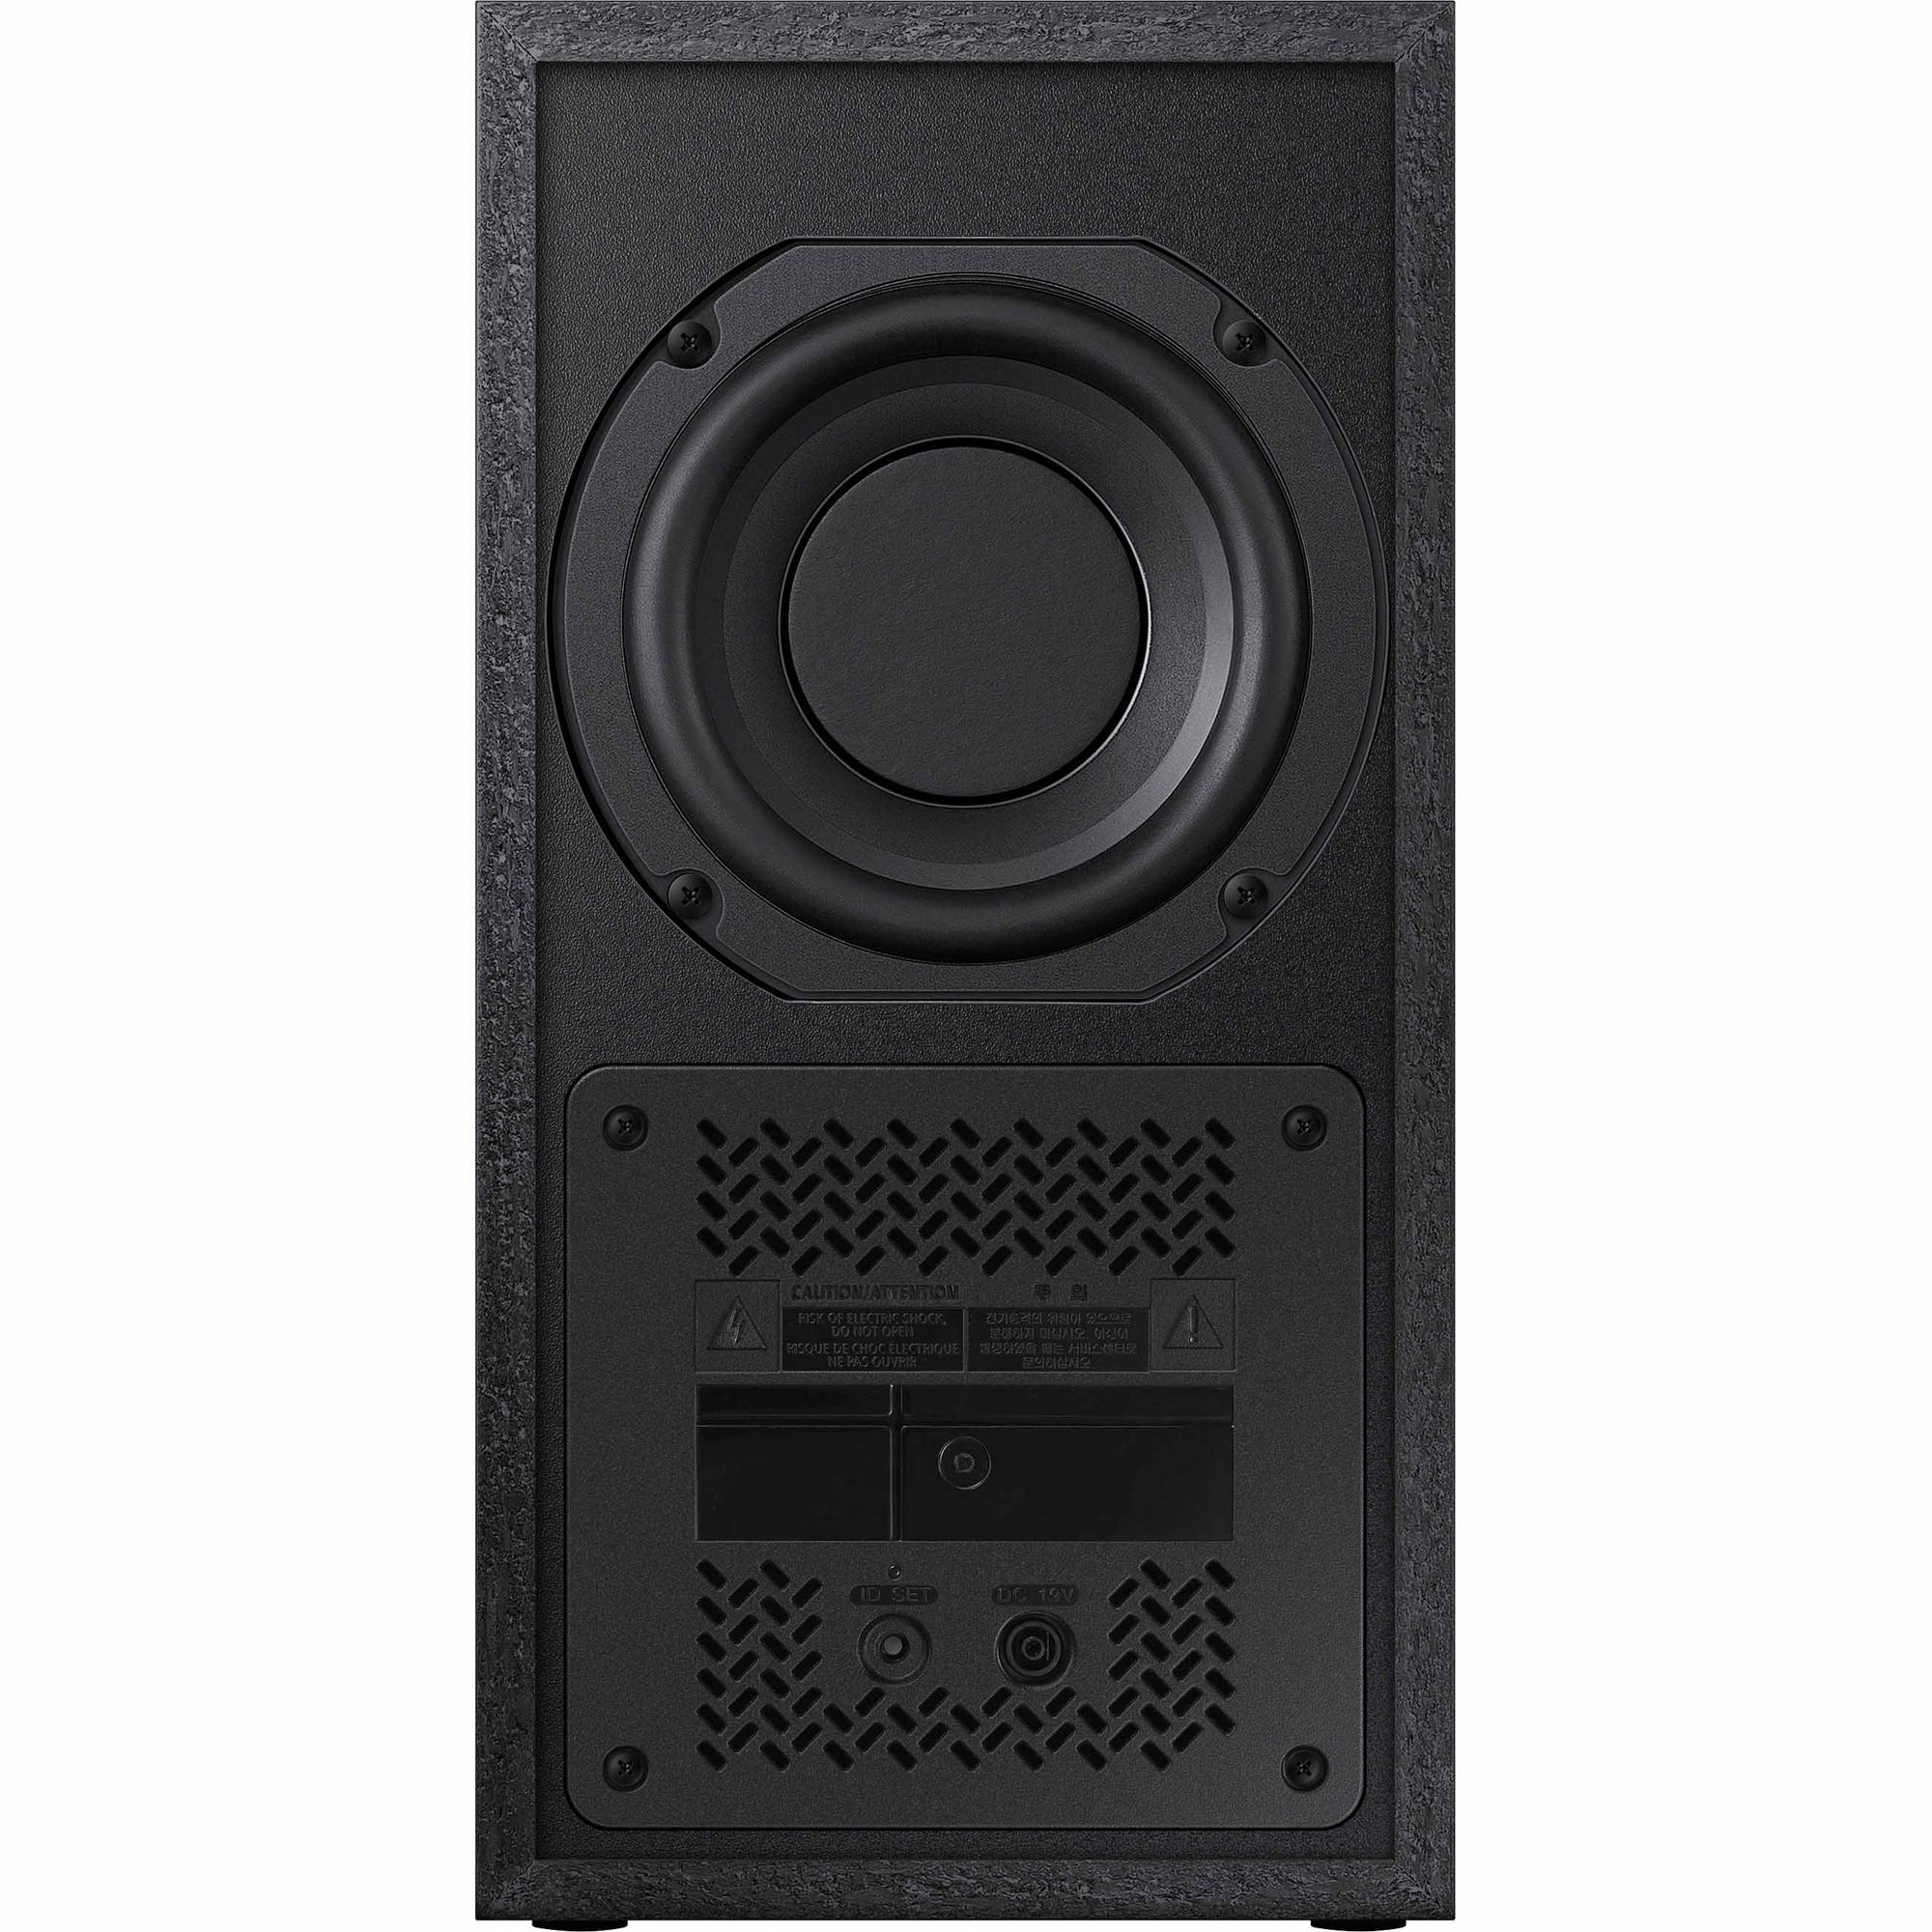 Samsung 2.1-Channel 130W Soundbar with Wireless Subwoofer - HW-K360